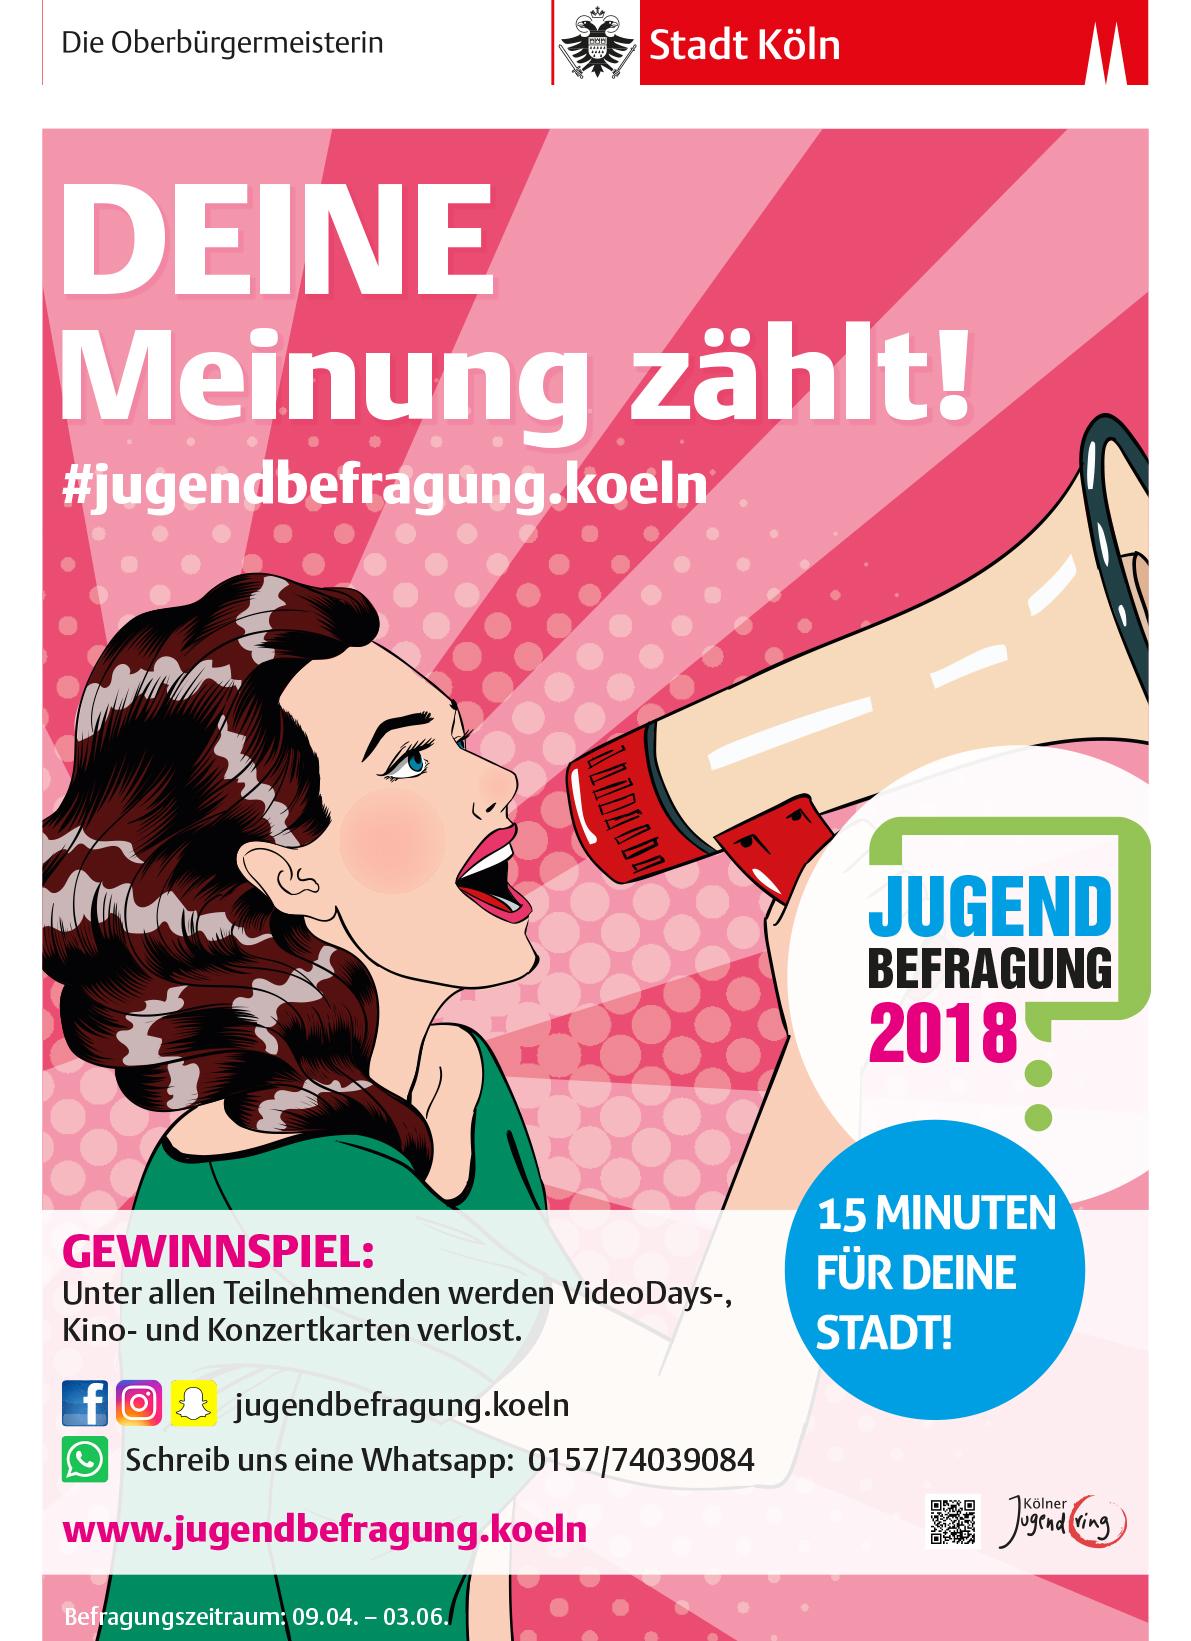 Plakat der Jugendbefragung Köln 2018, Bild: Frau im Pop-Art-Stil